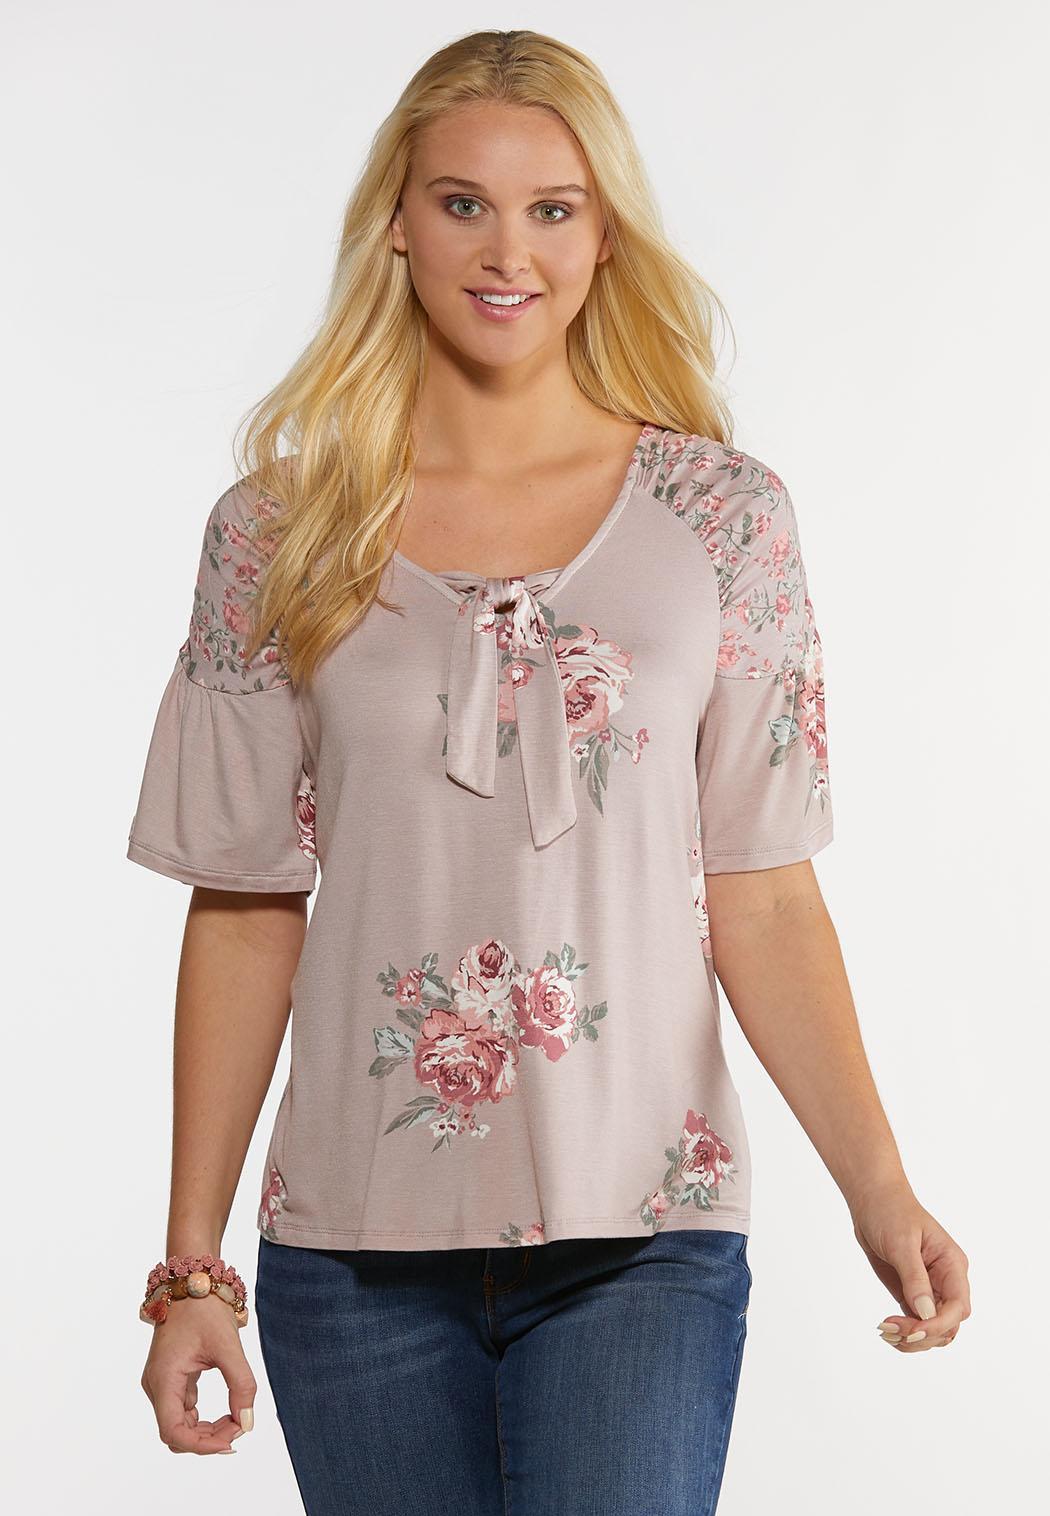 Plus Size Mauve Floral Top